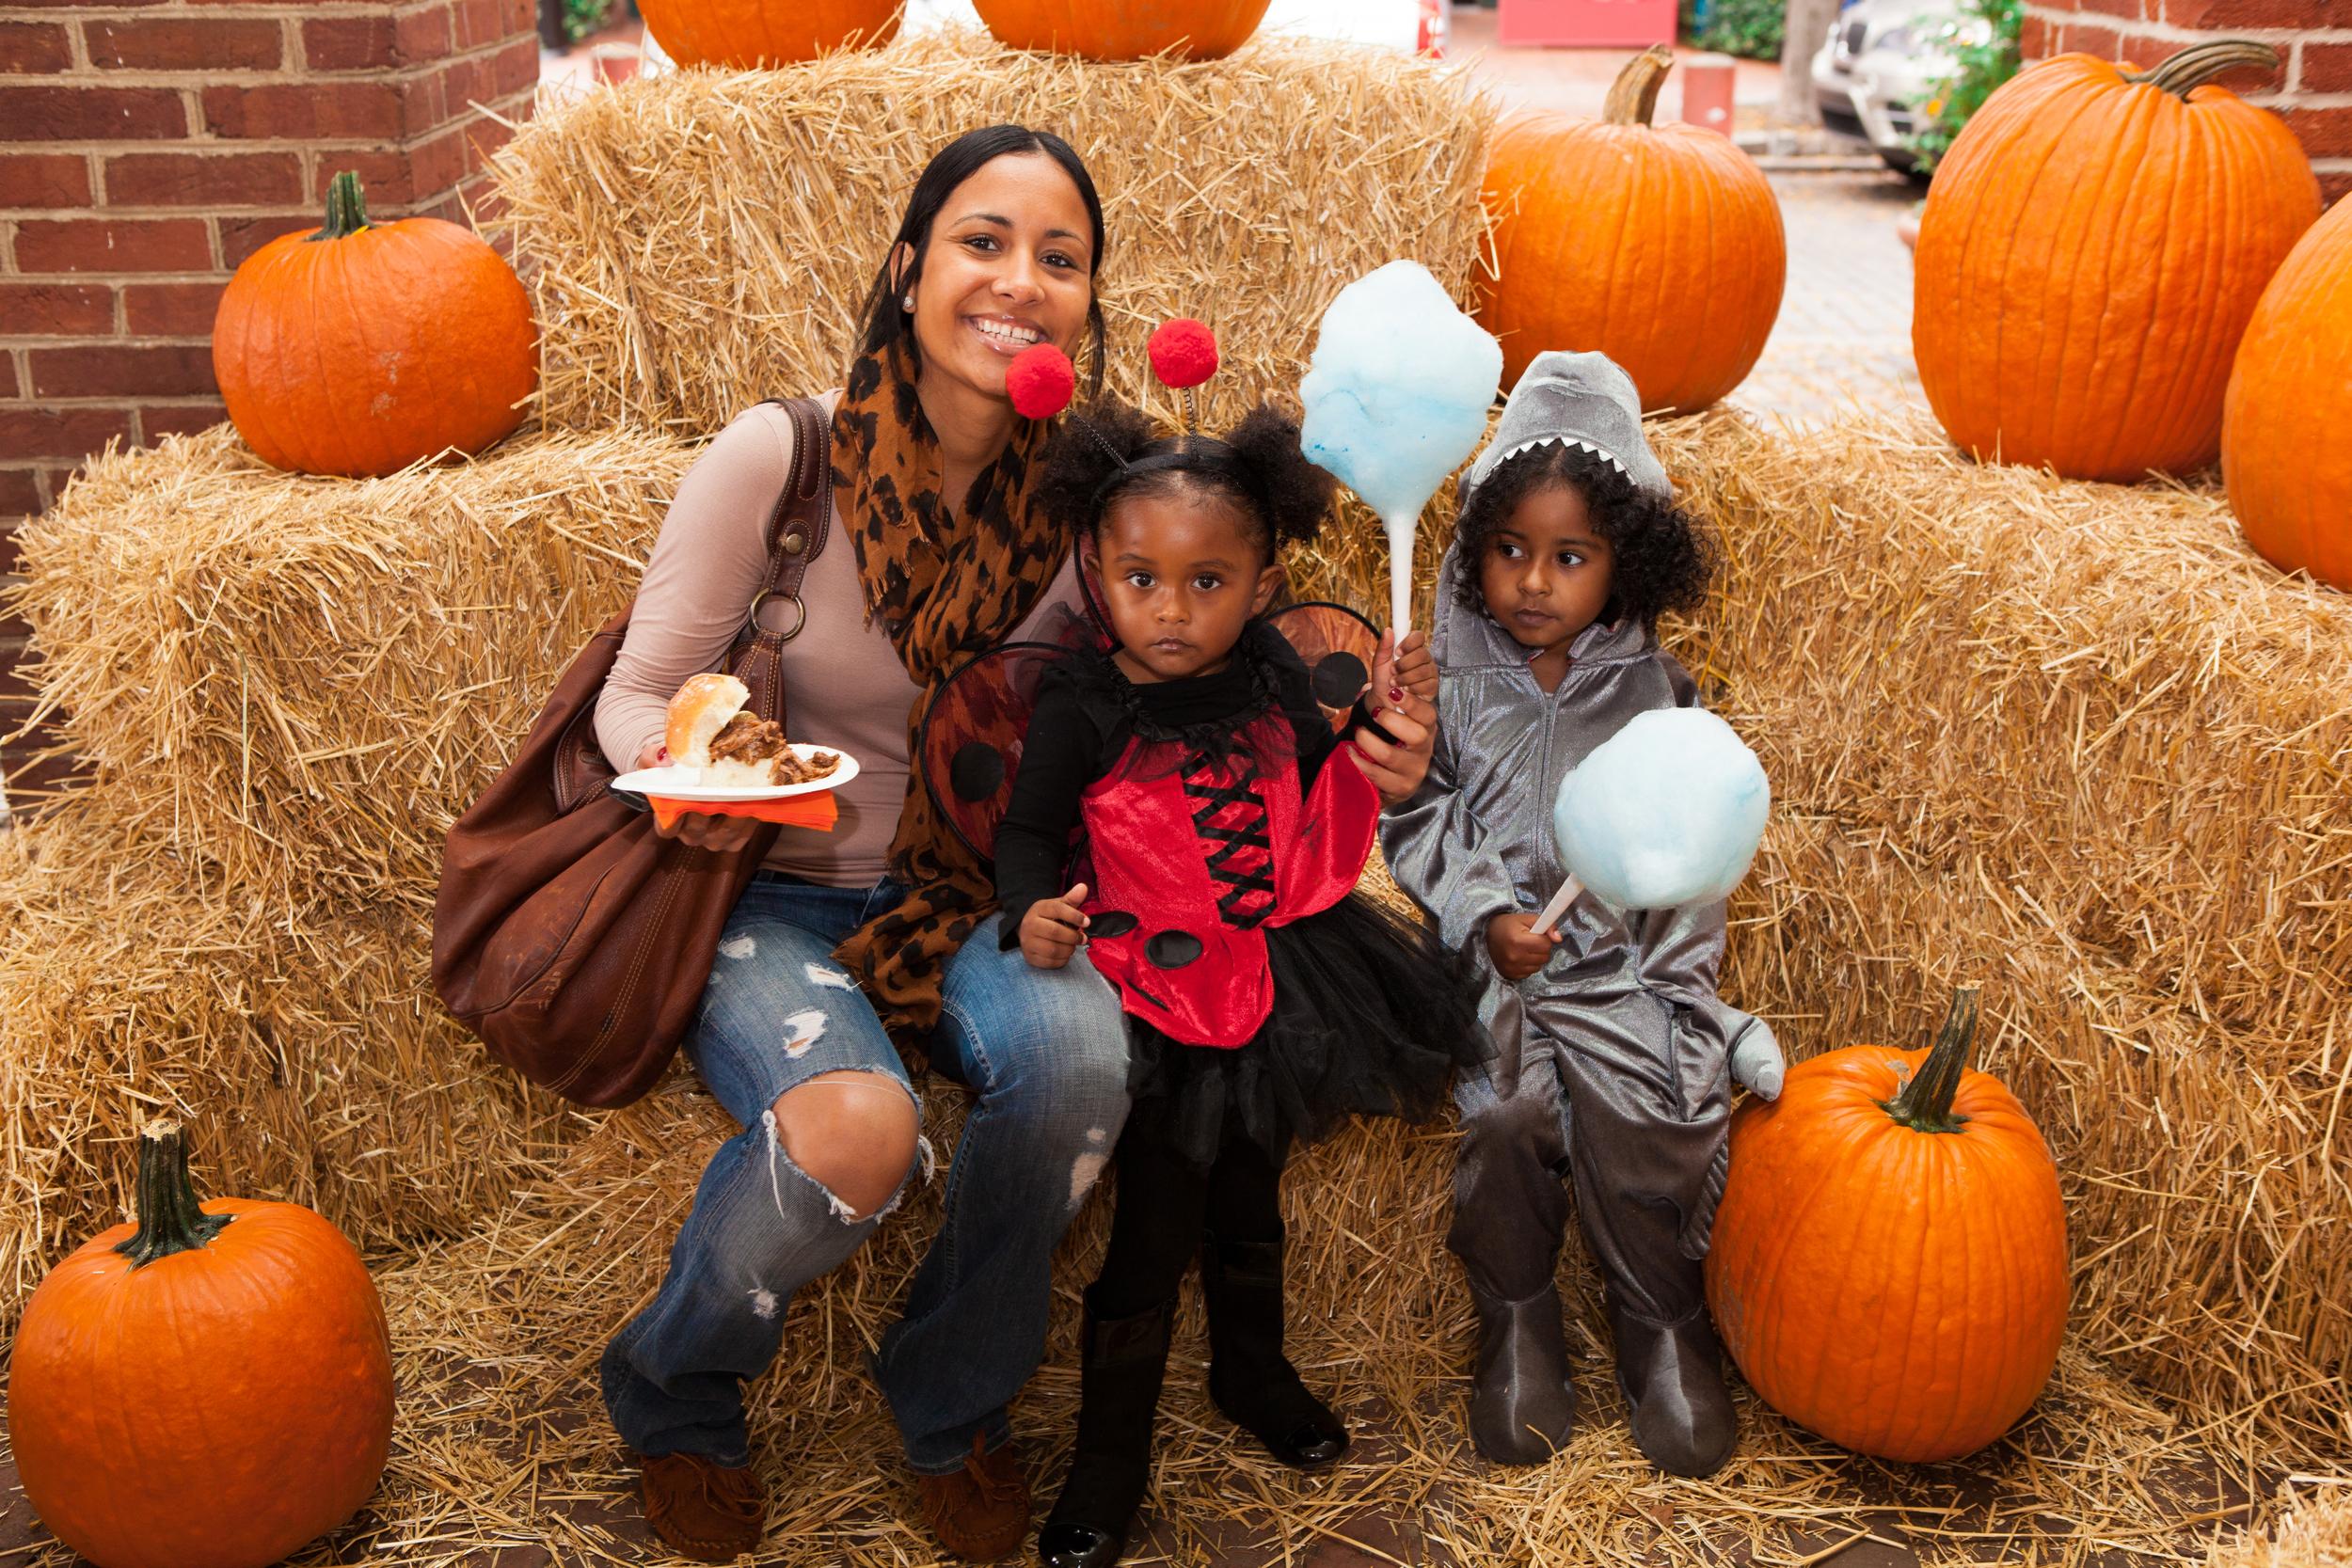 south street, halloween, pumpkin, fall fest